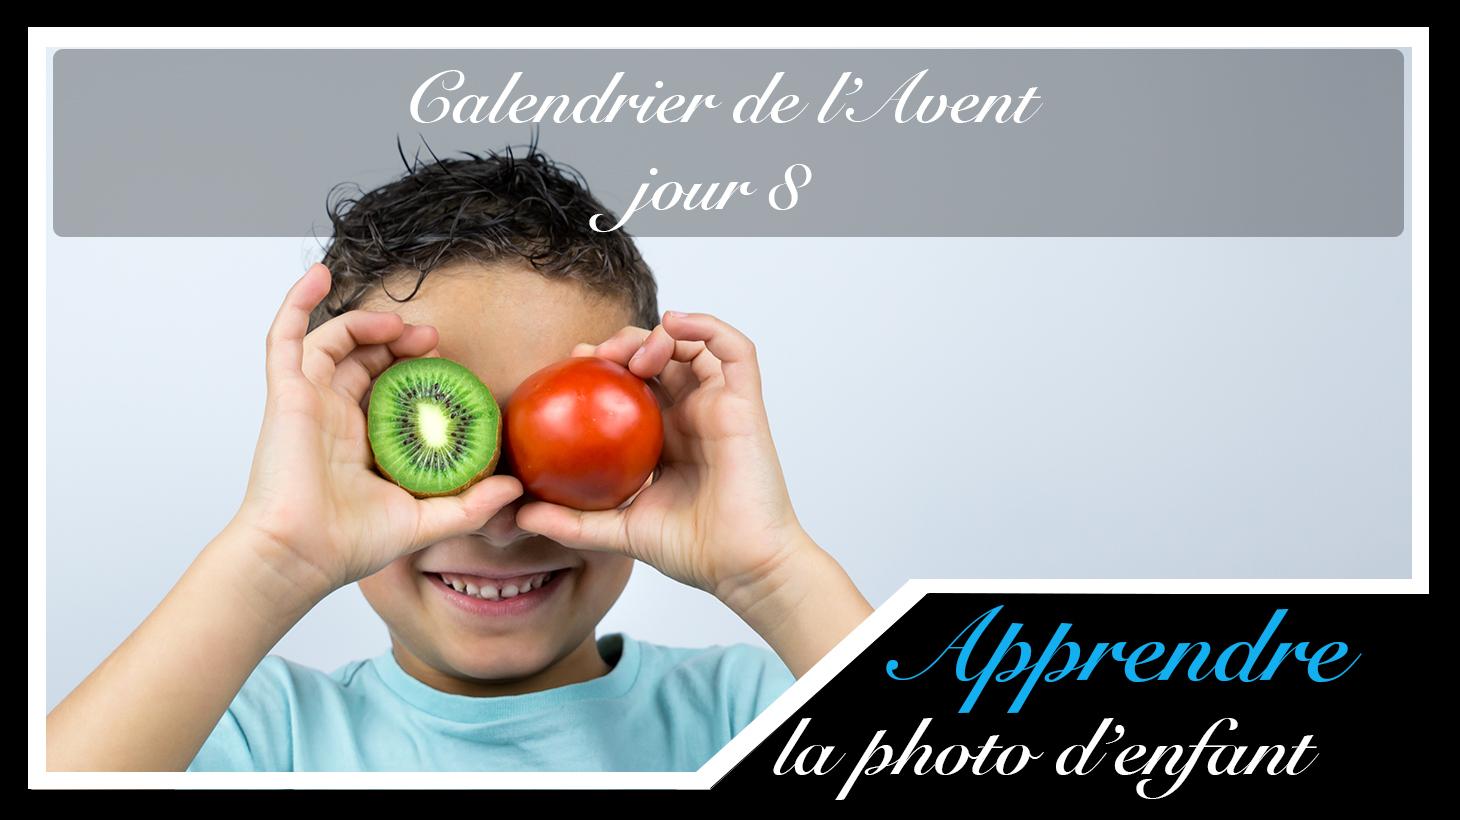 Jour 8 – Calendrier de l'Avent spécial Photo d'enfant